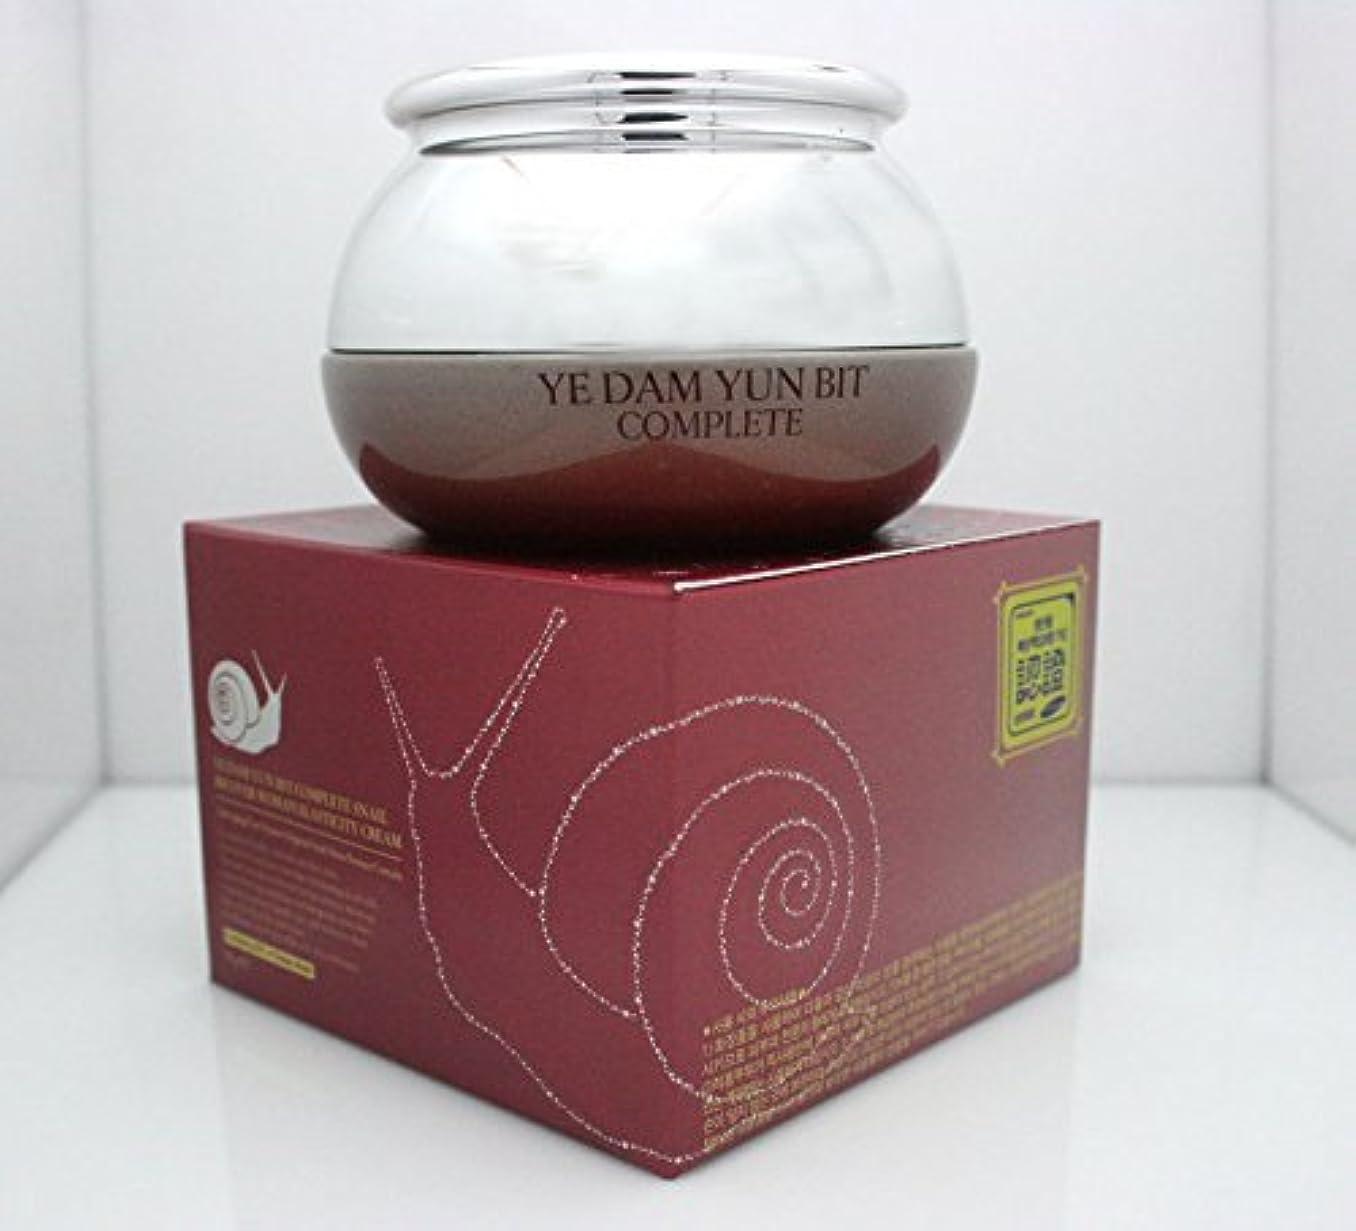 火山学アルプス地球[YEDAM YUNBIT] 完全なカタツムリ?リフト?リフティング?クリーム50g/韓国化粧品/Complete Snail Recover Lifting Cream 50g/Korean cosmetics [並行輸入品]